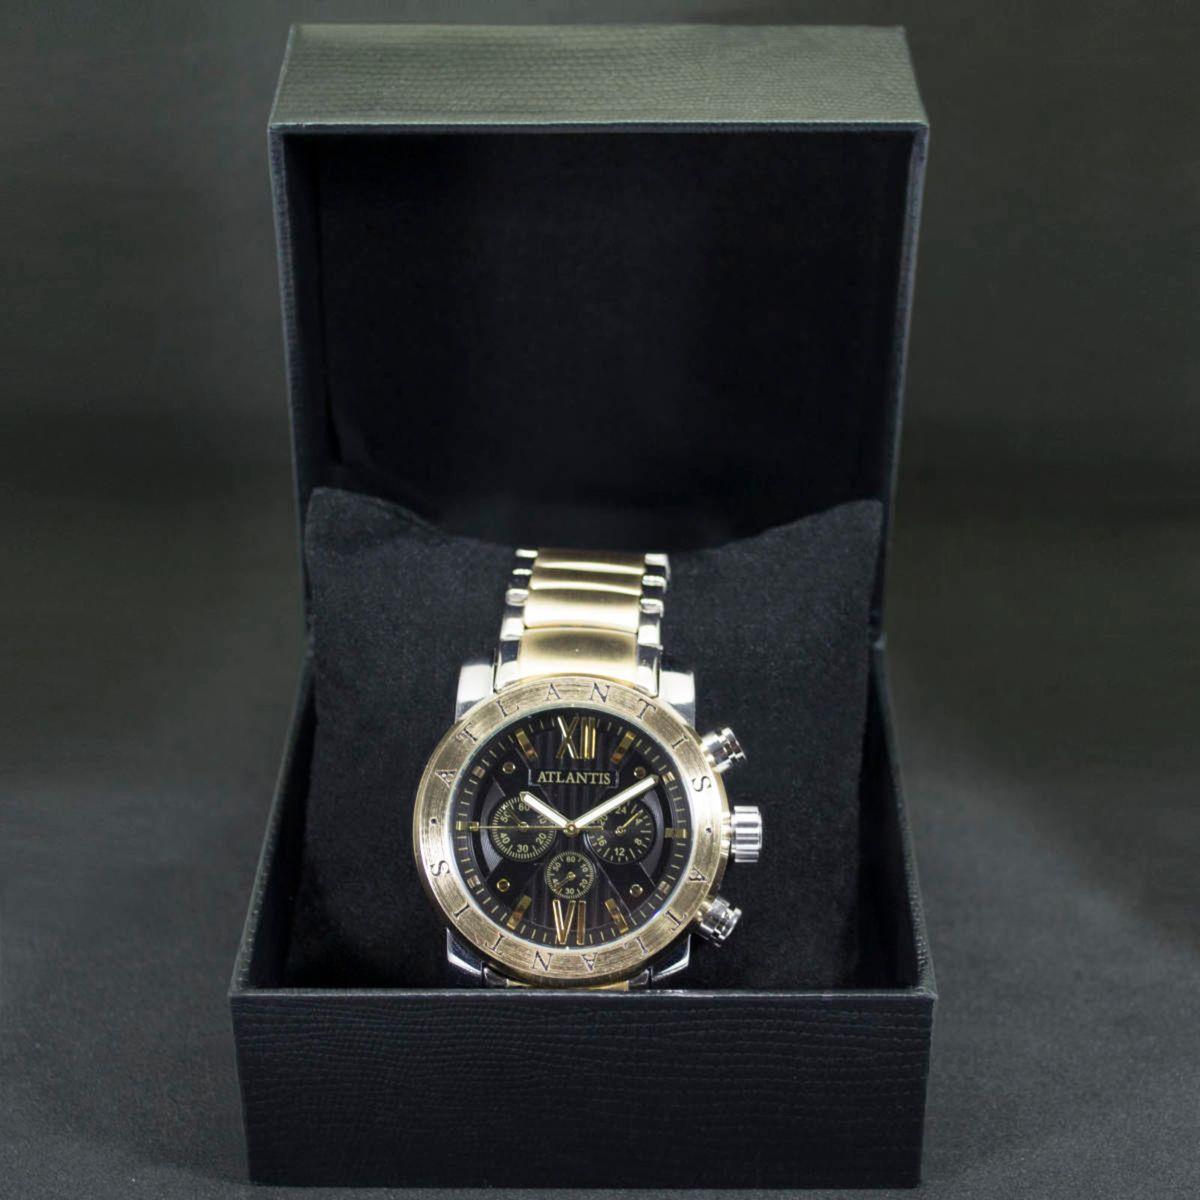 6f976c6c5fb Relógio Masculino Luxo Atlantis Original Dourado